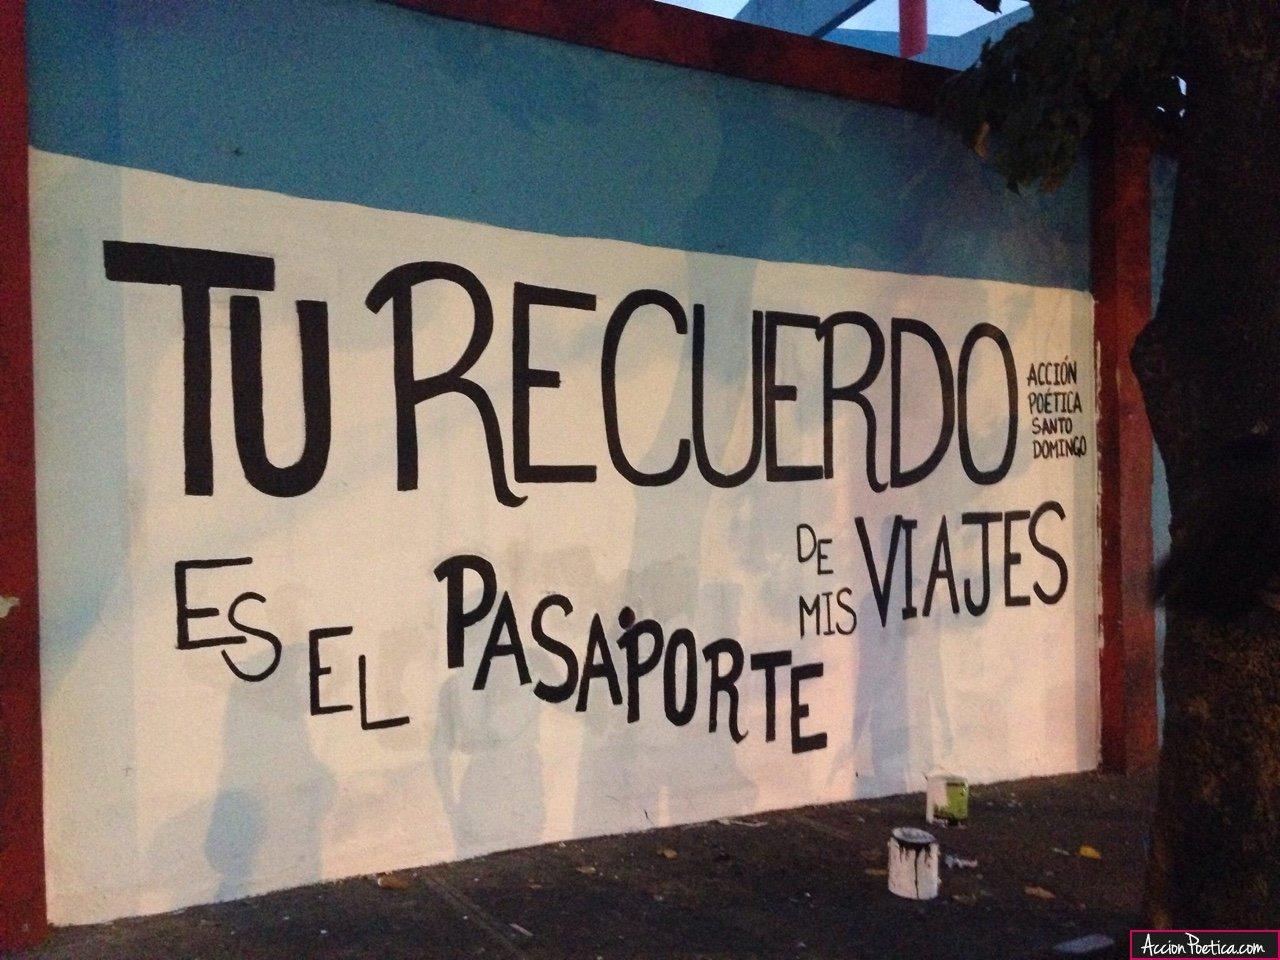 Frases de Acción Poética en Español (Latinoamericana) - Tu recuerdo es el pasaporte de mis viajes...